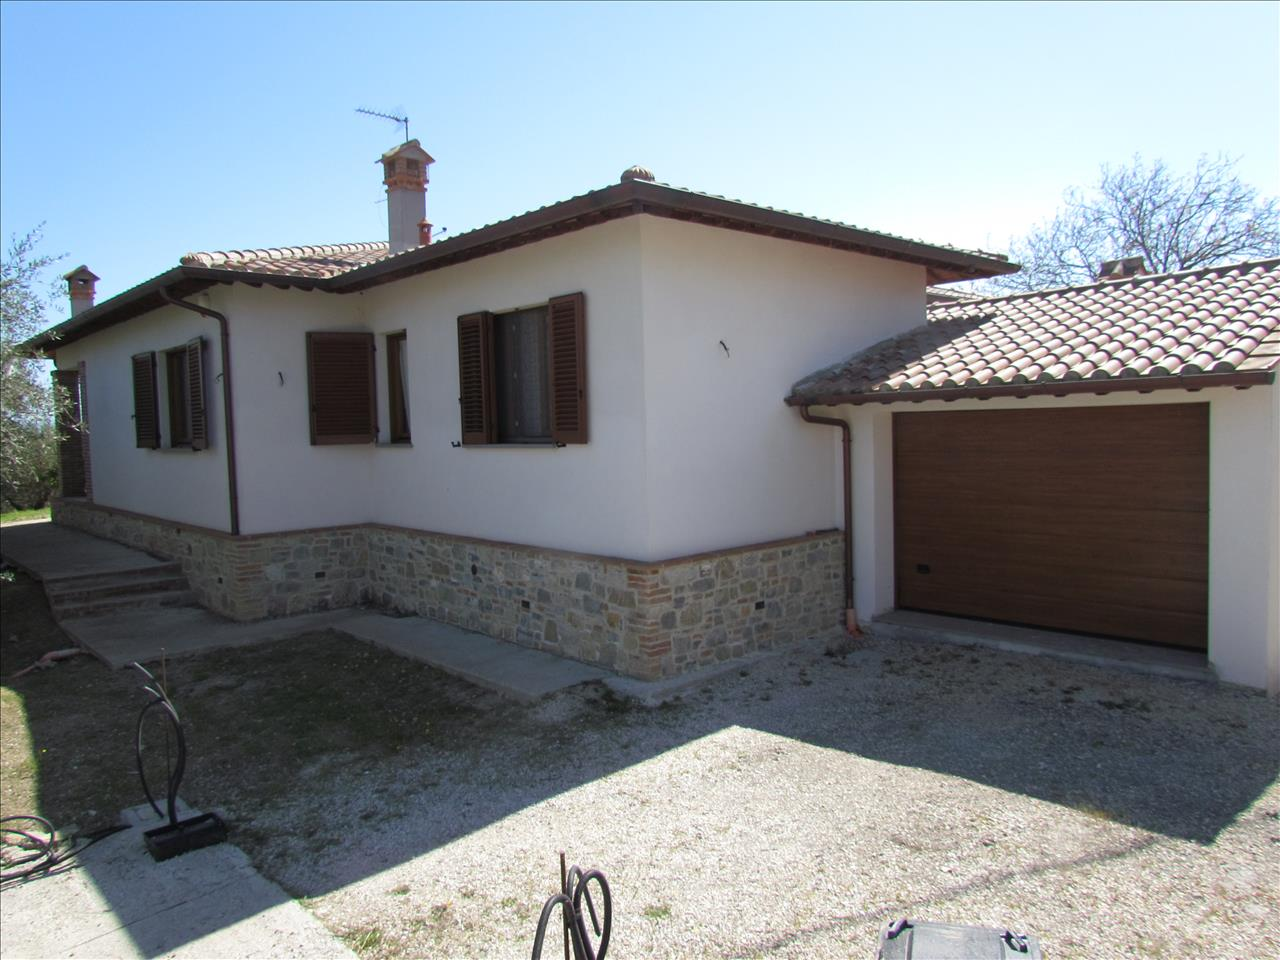 Soluzione Indipendente in vendita a Castiglione del Lago, 3 locali, prezzo € 350.000 | CambioCasa.it